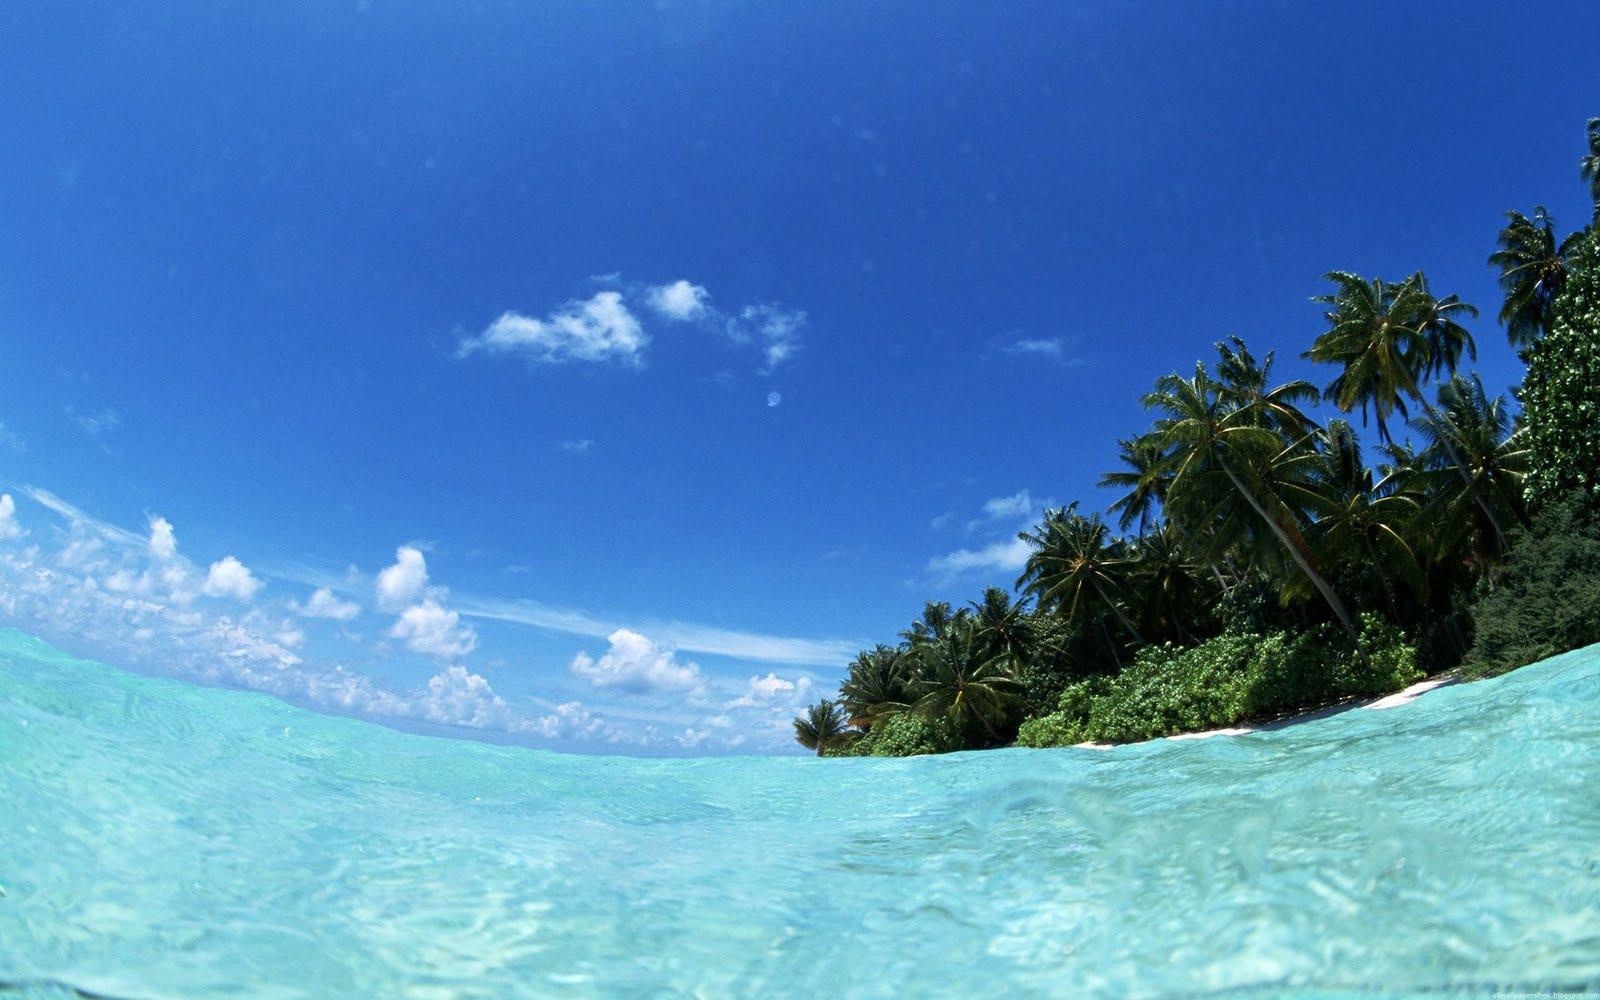 hd sea to sky - photo #39